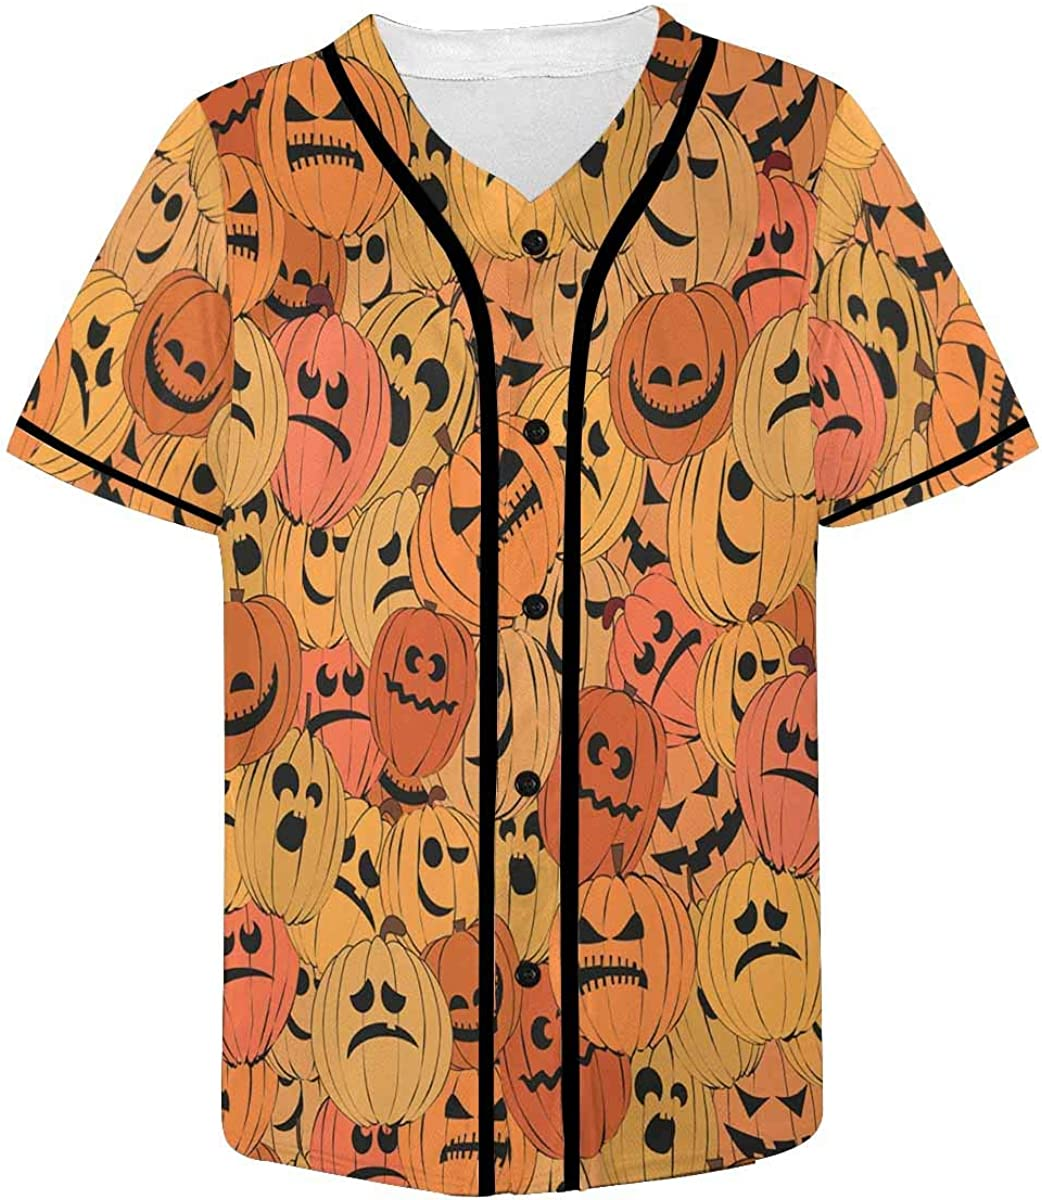 INTERESTPRINT Mens Party Long Sleeve Hawaiian Shirt Cute Faces